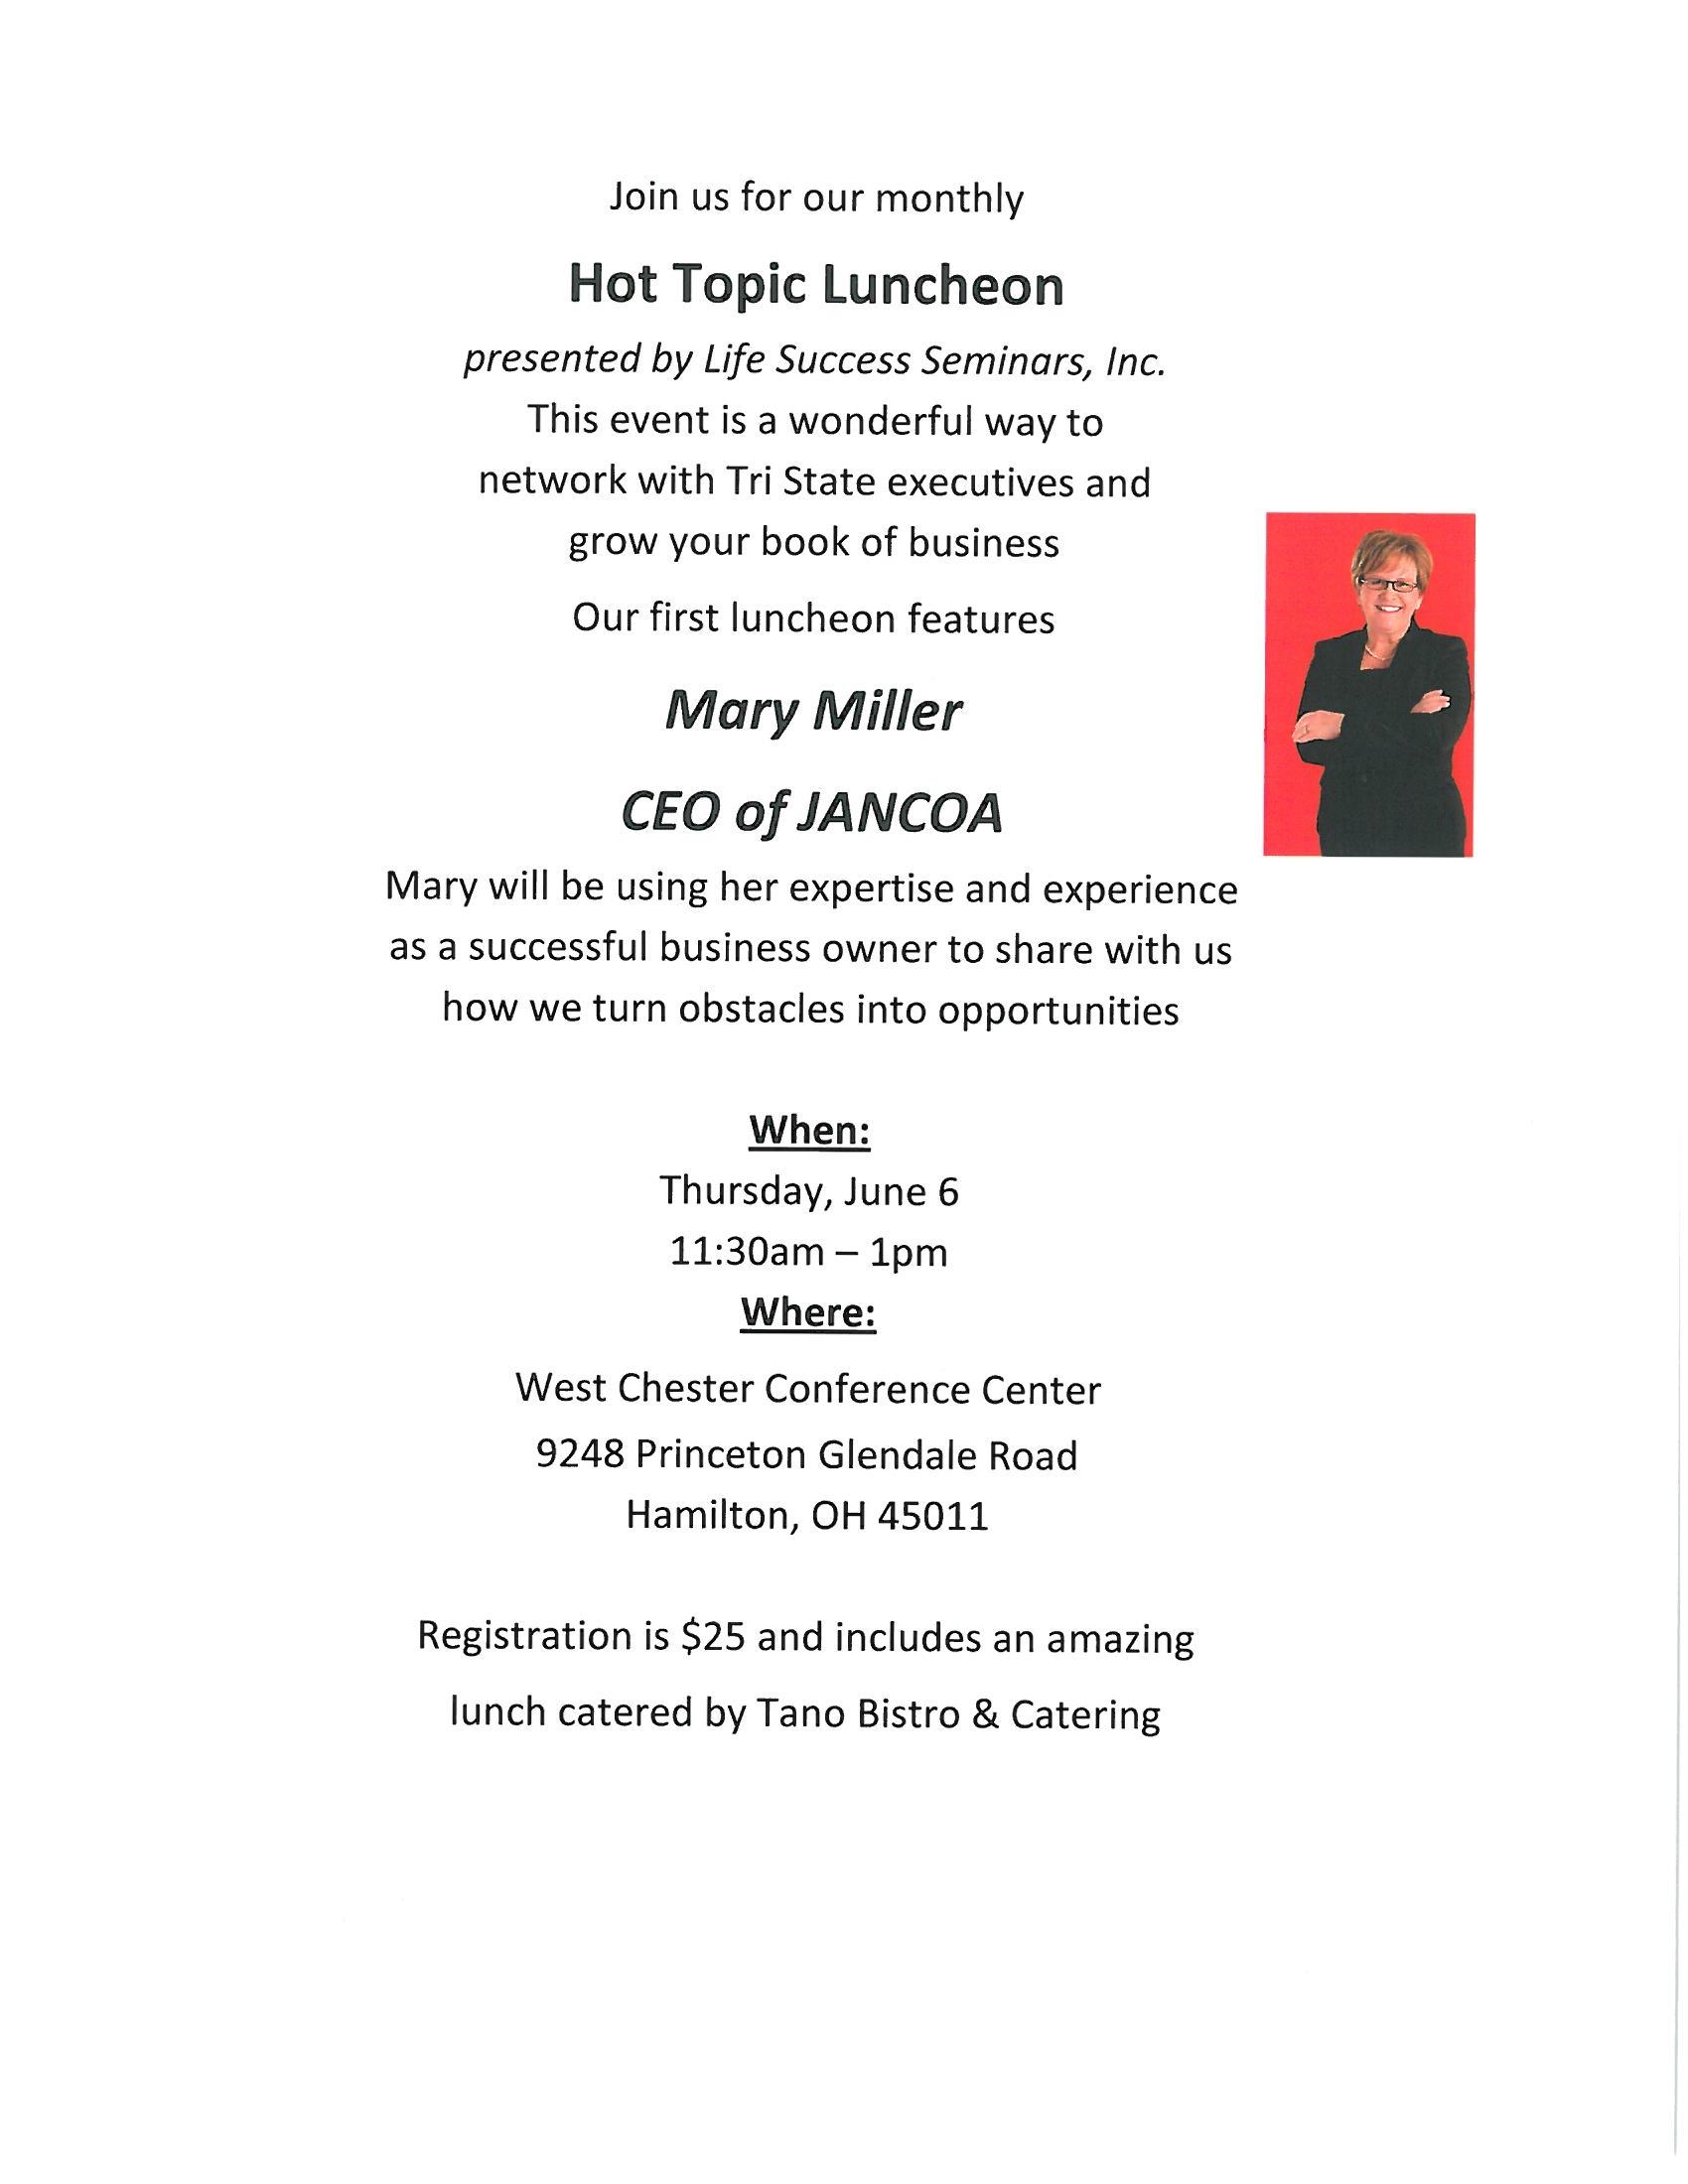 June Hot Topic Luncheon